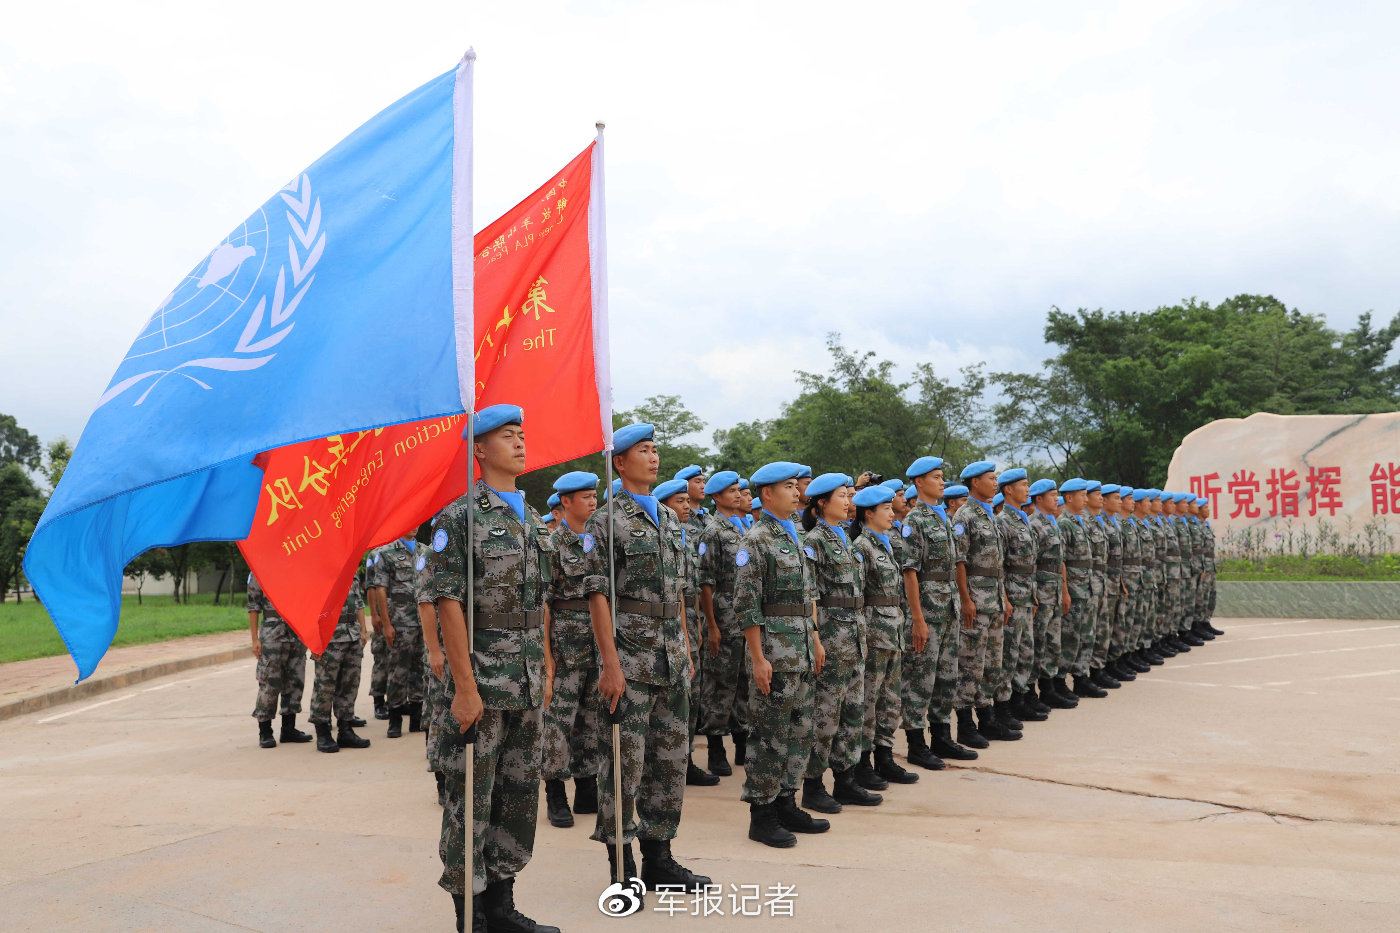 中国第18批赴黎维和建筑工兵分队第二梯队出征